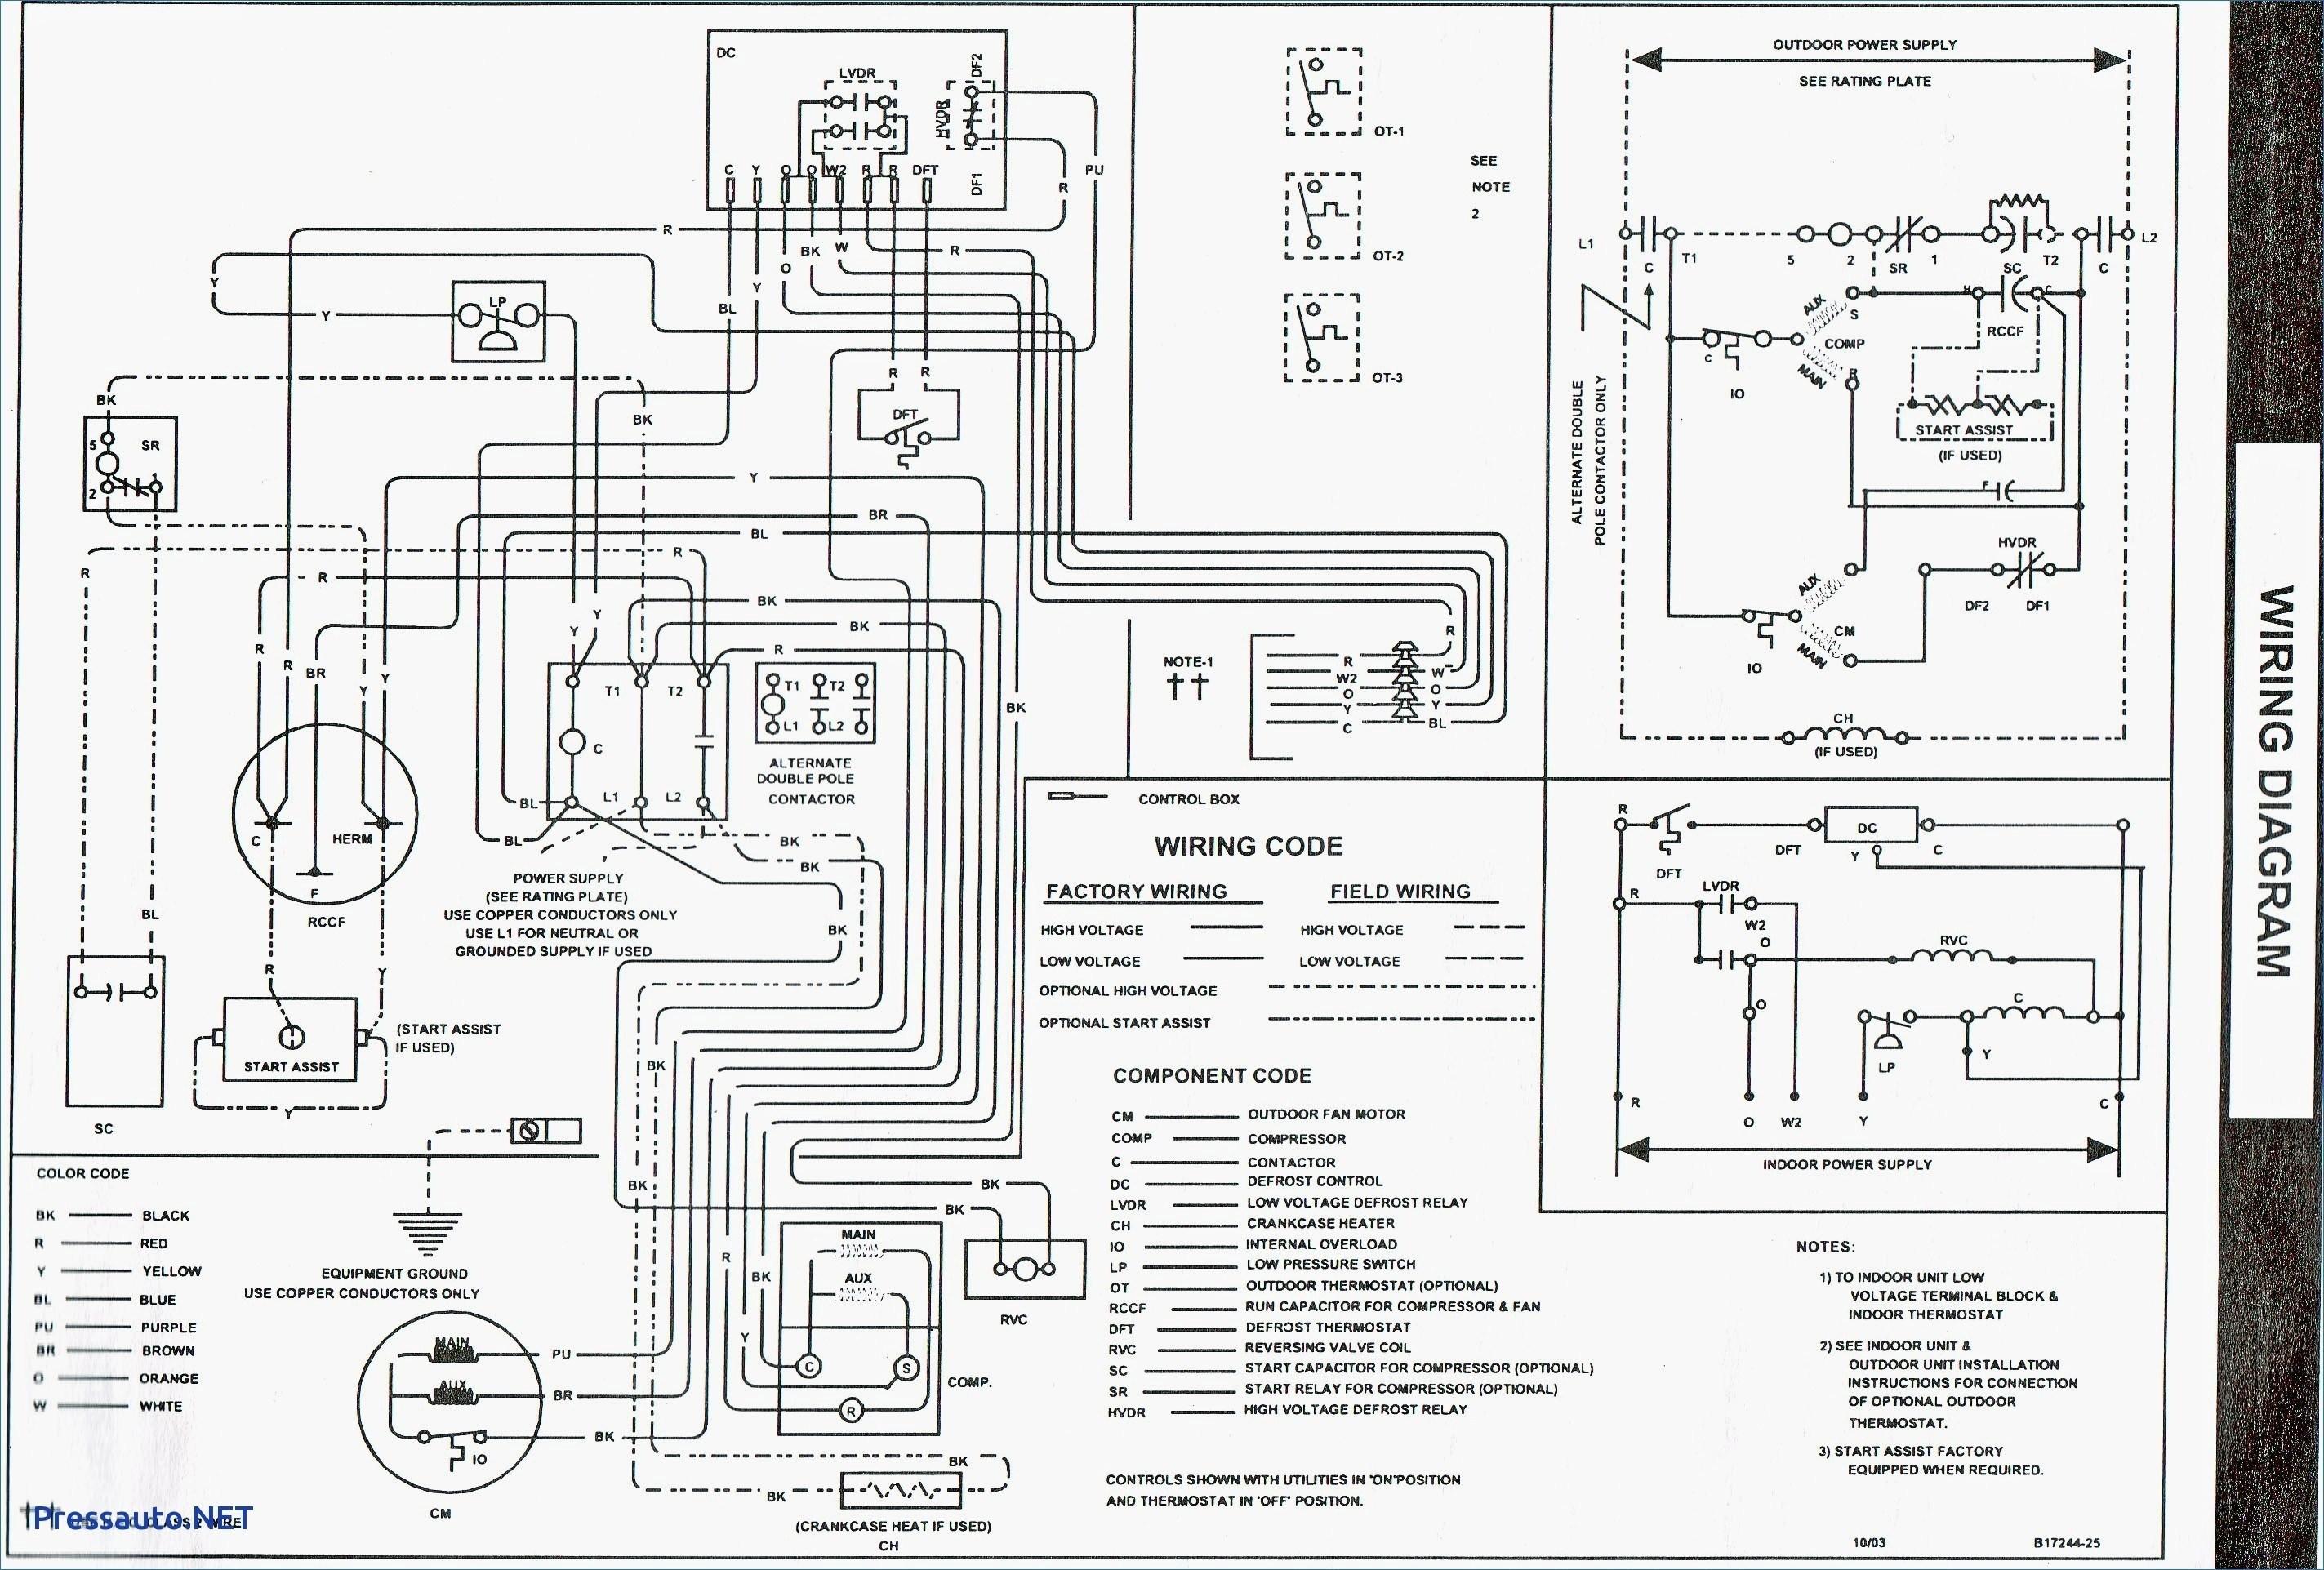 Ruud Oil Furnace Wiring Diagram | Wiring Diagram - Oil Furnace Wiring Diagram